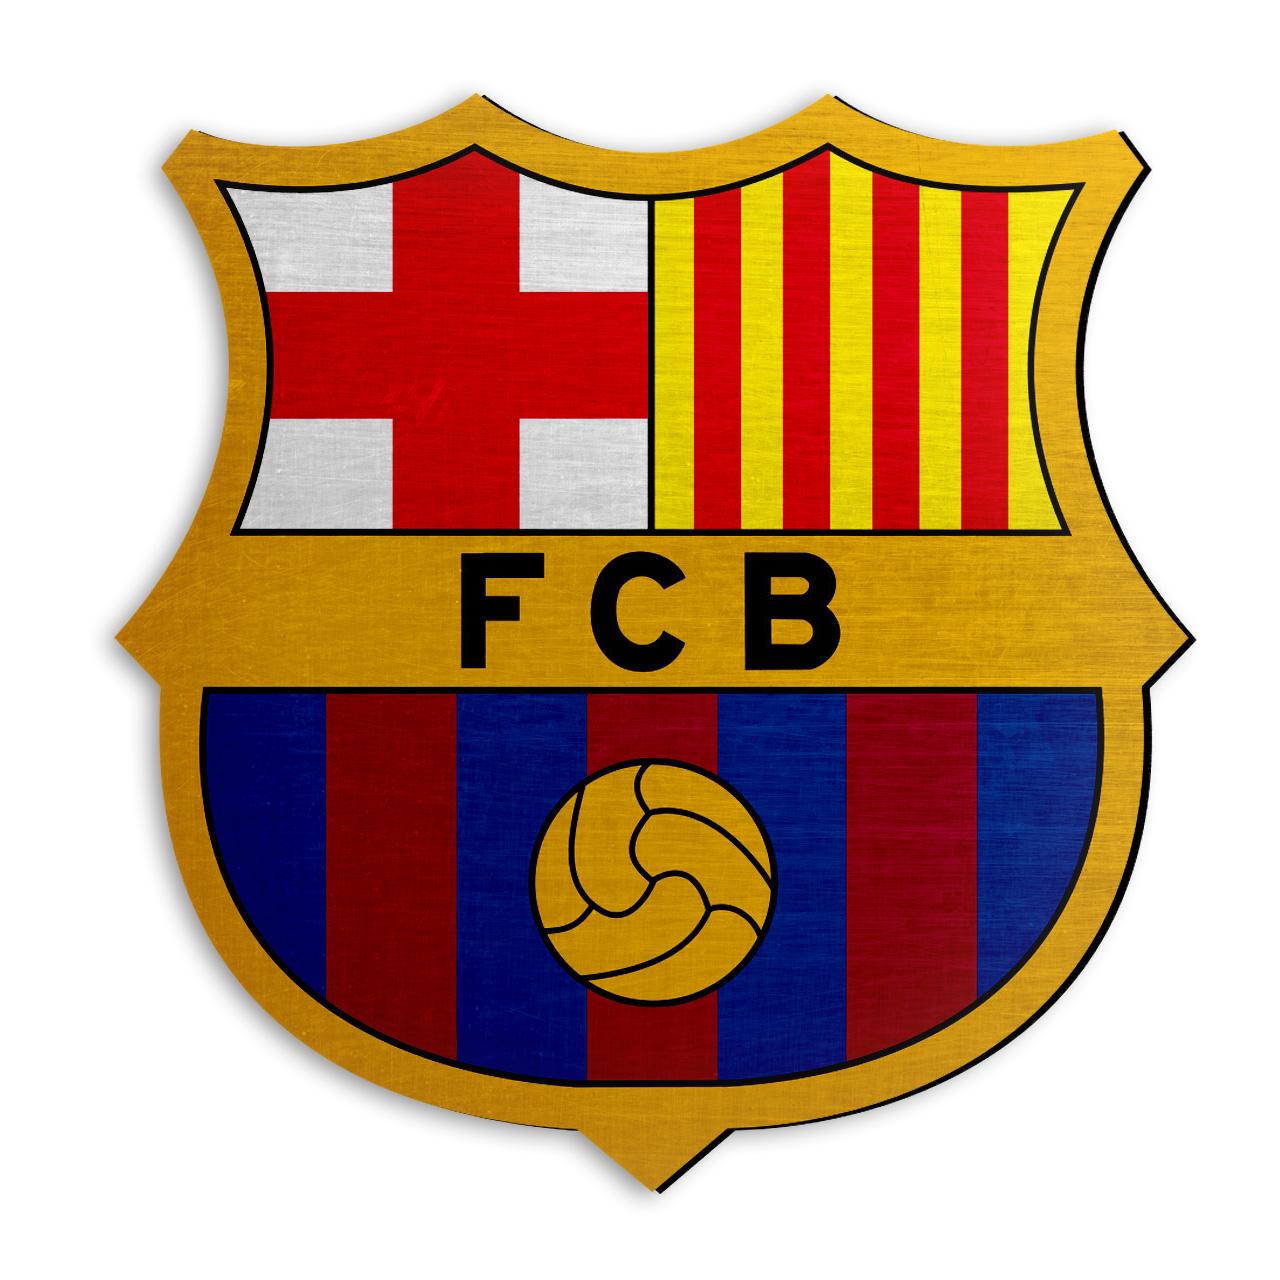 استیکر چوبی دکوماس طرح بارسلونا کد Barcelona DMS-WS101